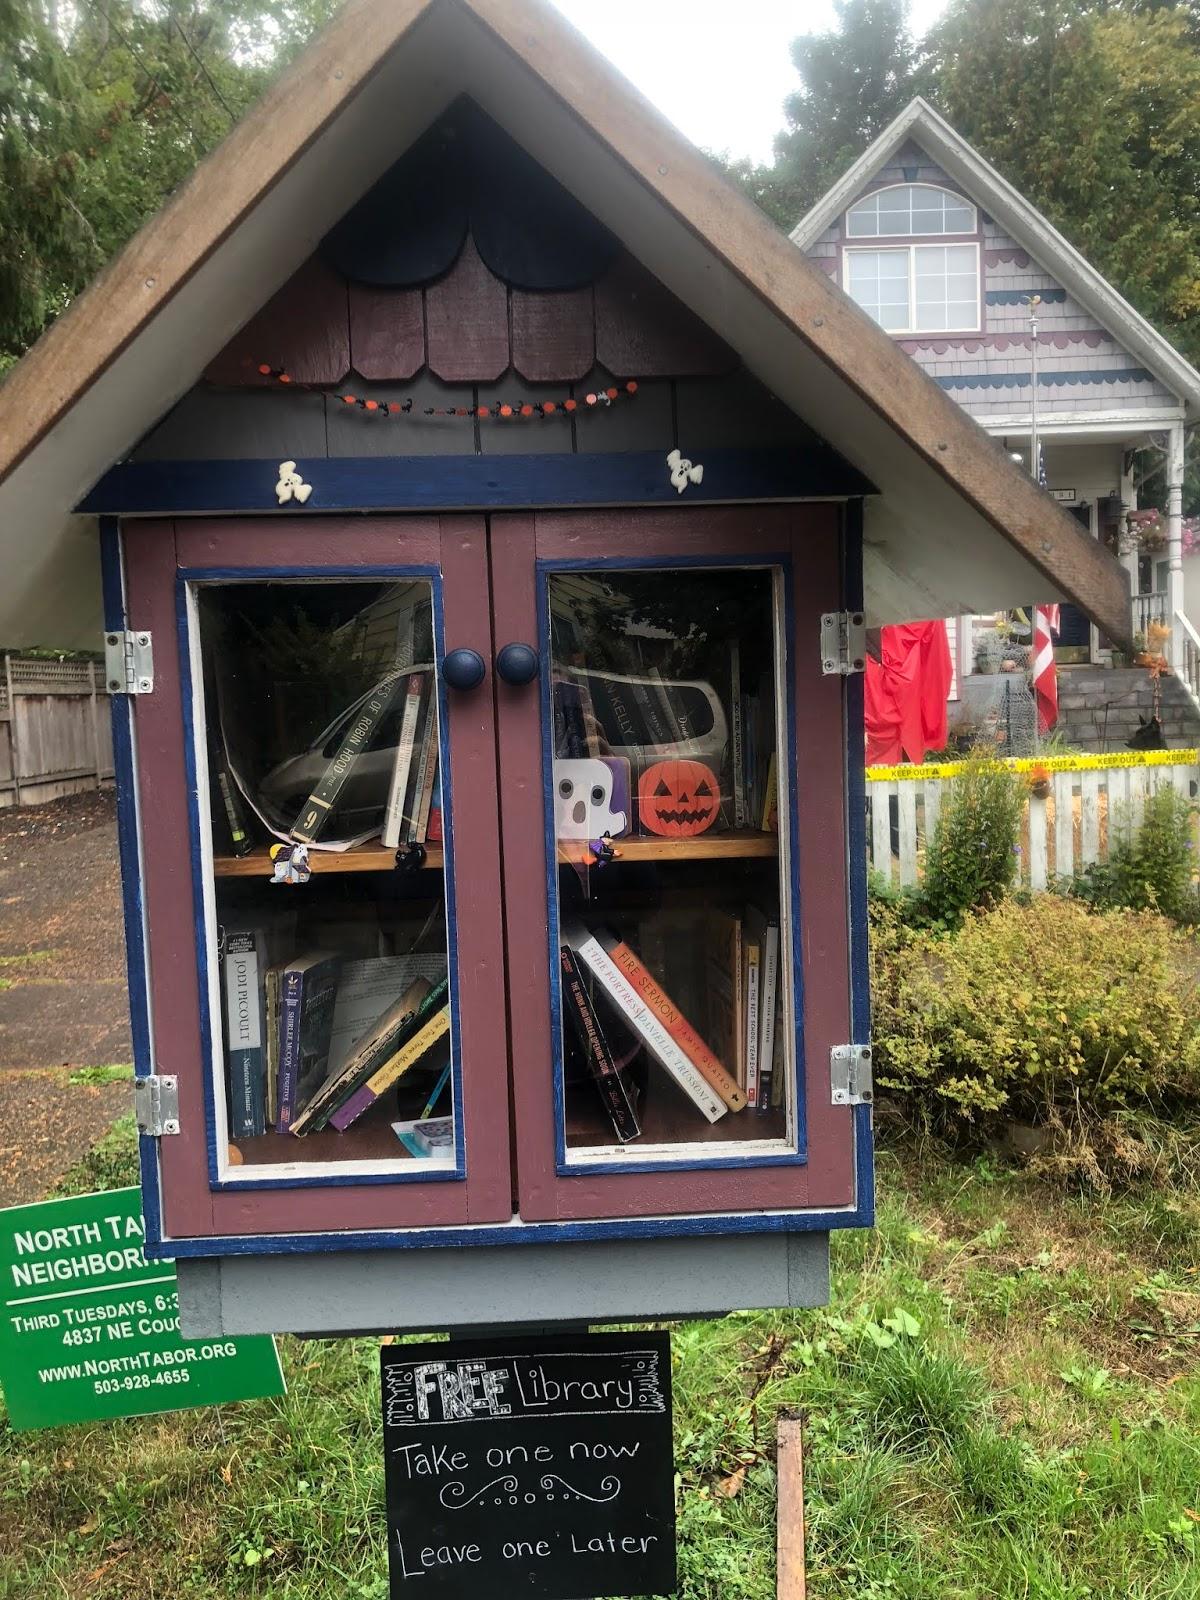 Kim Kasch Blogsite - A Writer's Blog: Haunted Little Lending